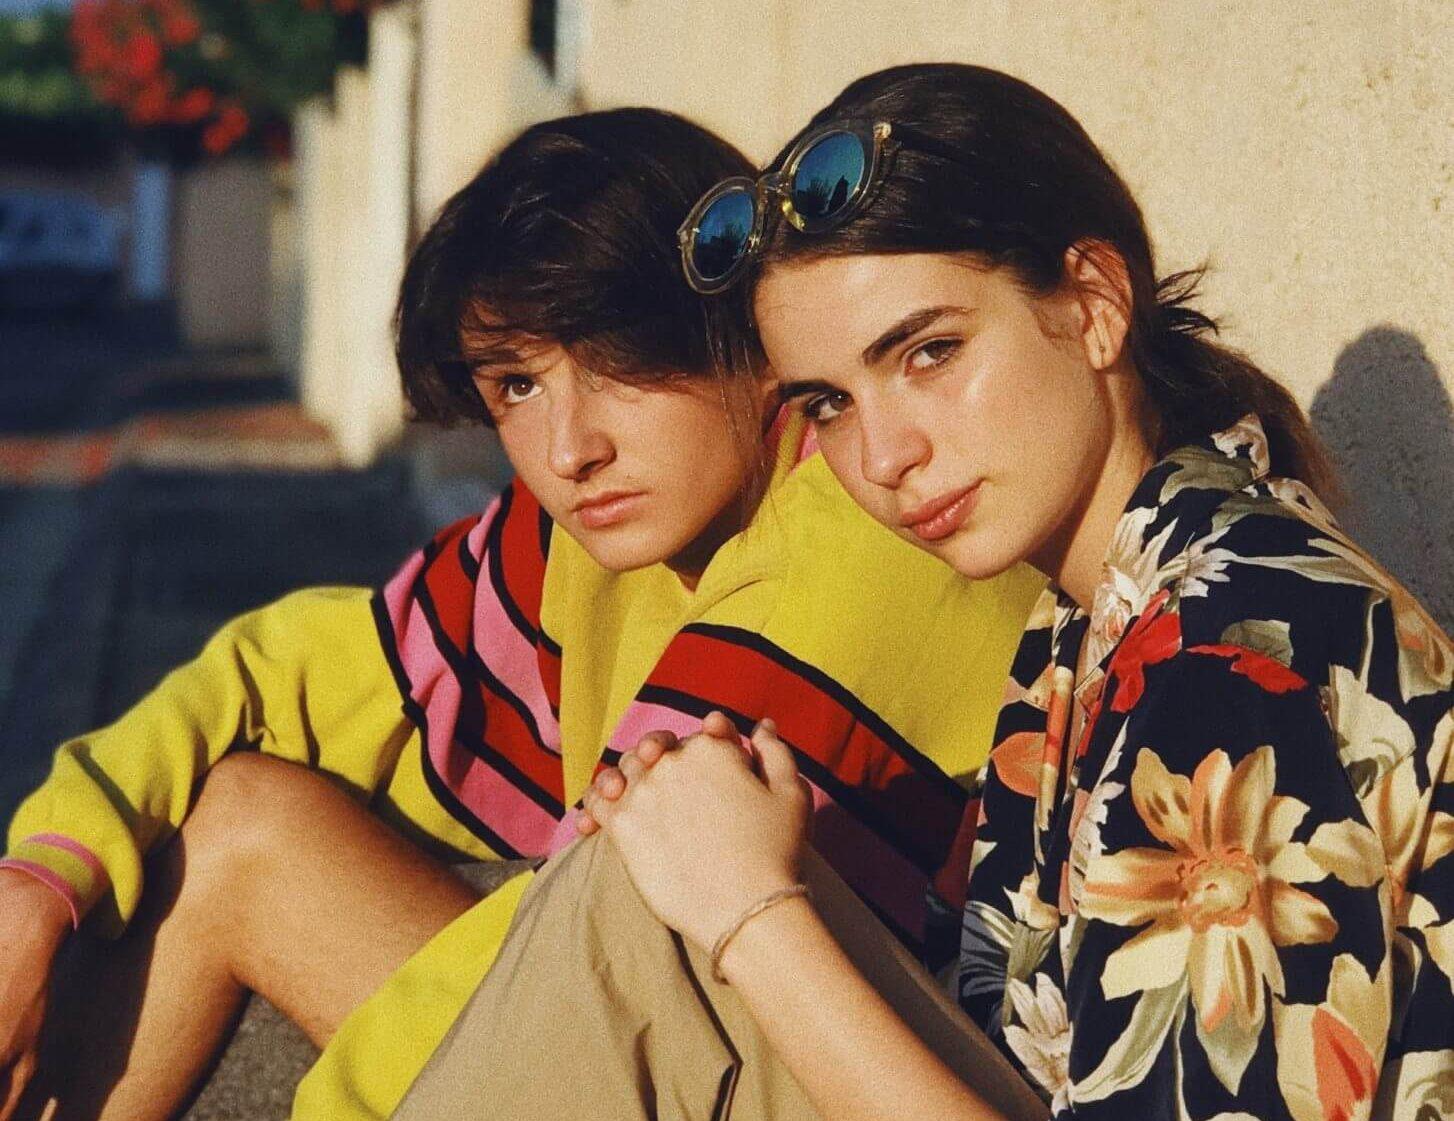 Adèle Catillon et Matthieu Reynaud forment depuis 2018 le duo Videoclub © Sjcl1 (Wikimedia Commons)